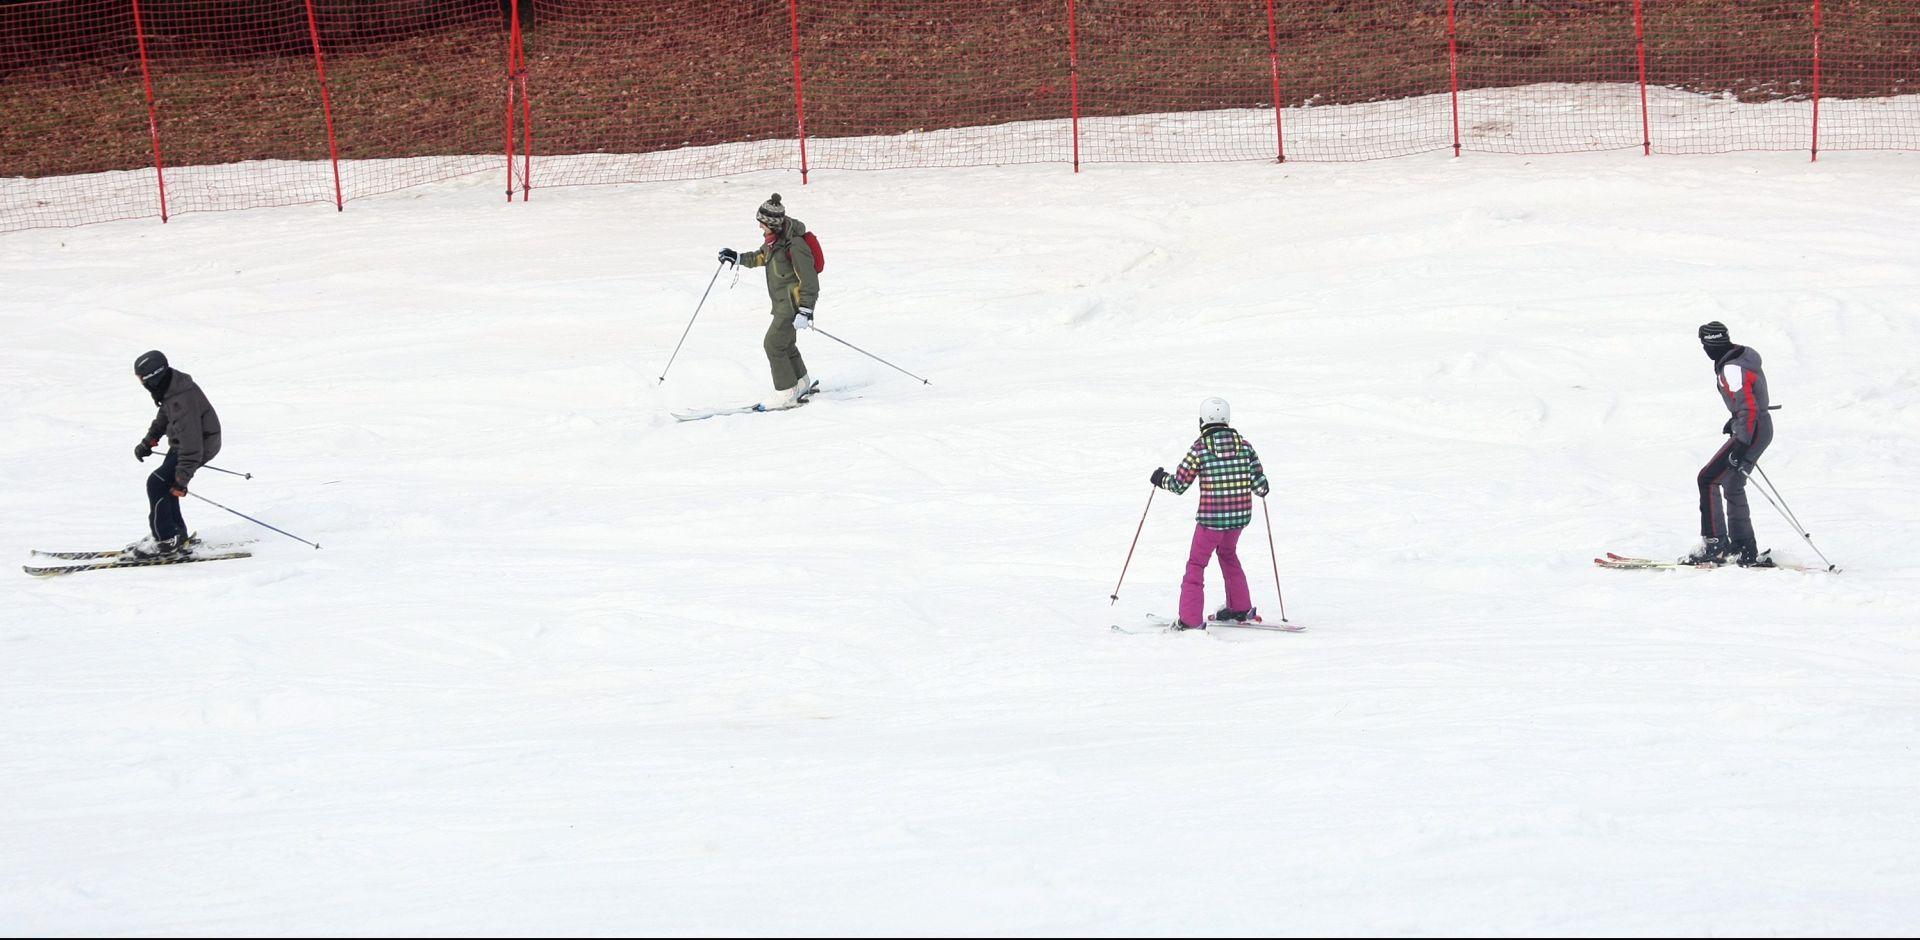 INSPEKCIJA: Slovenska skijališta upitne rentabilnosti, infrastruktura stara oko 30 godina